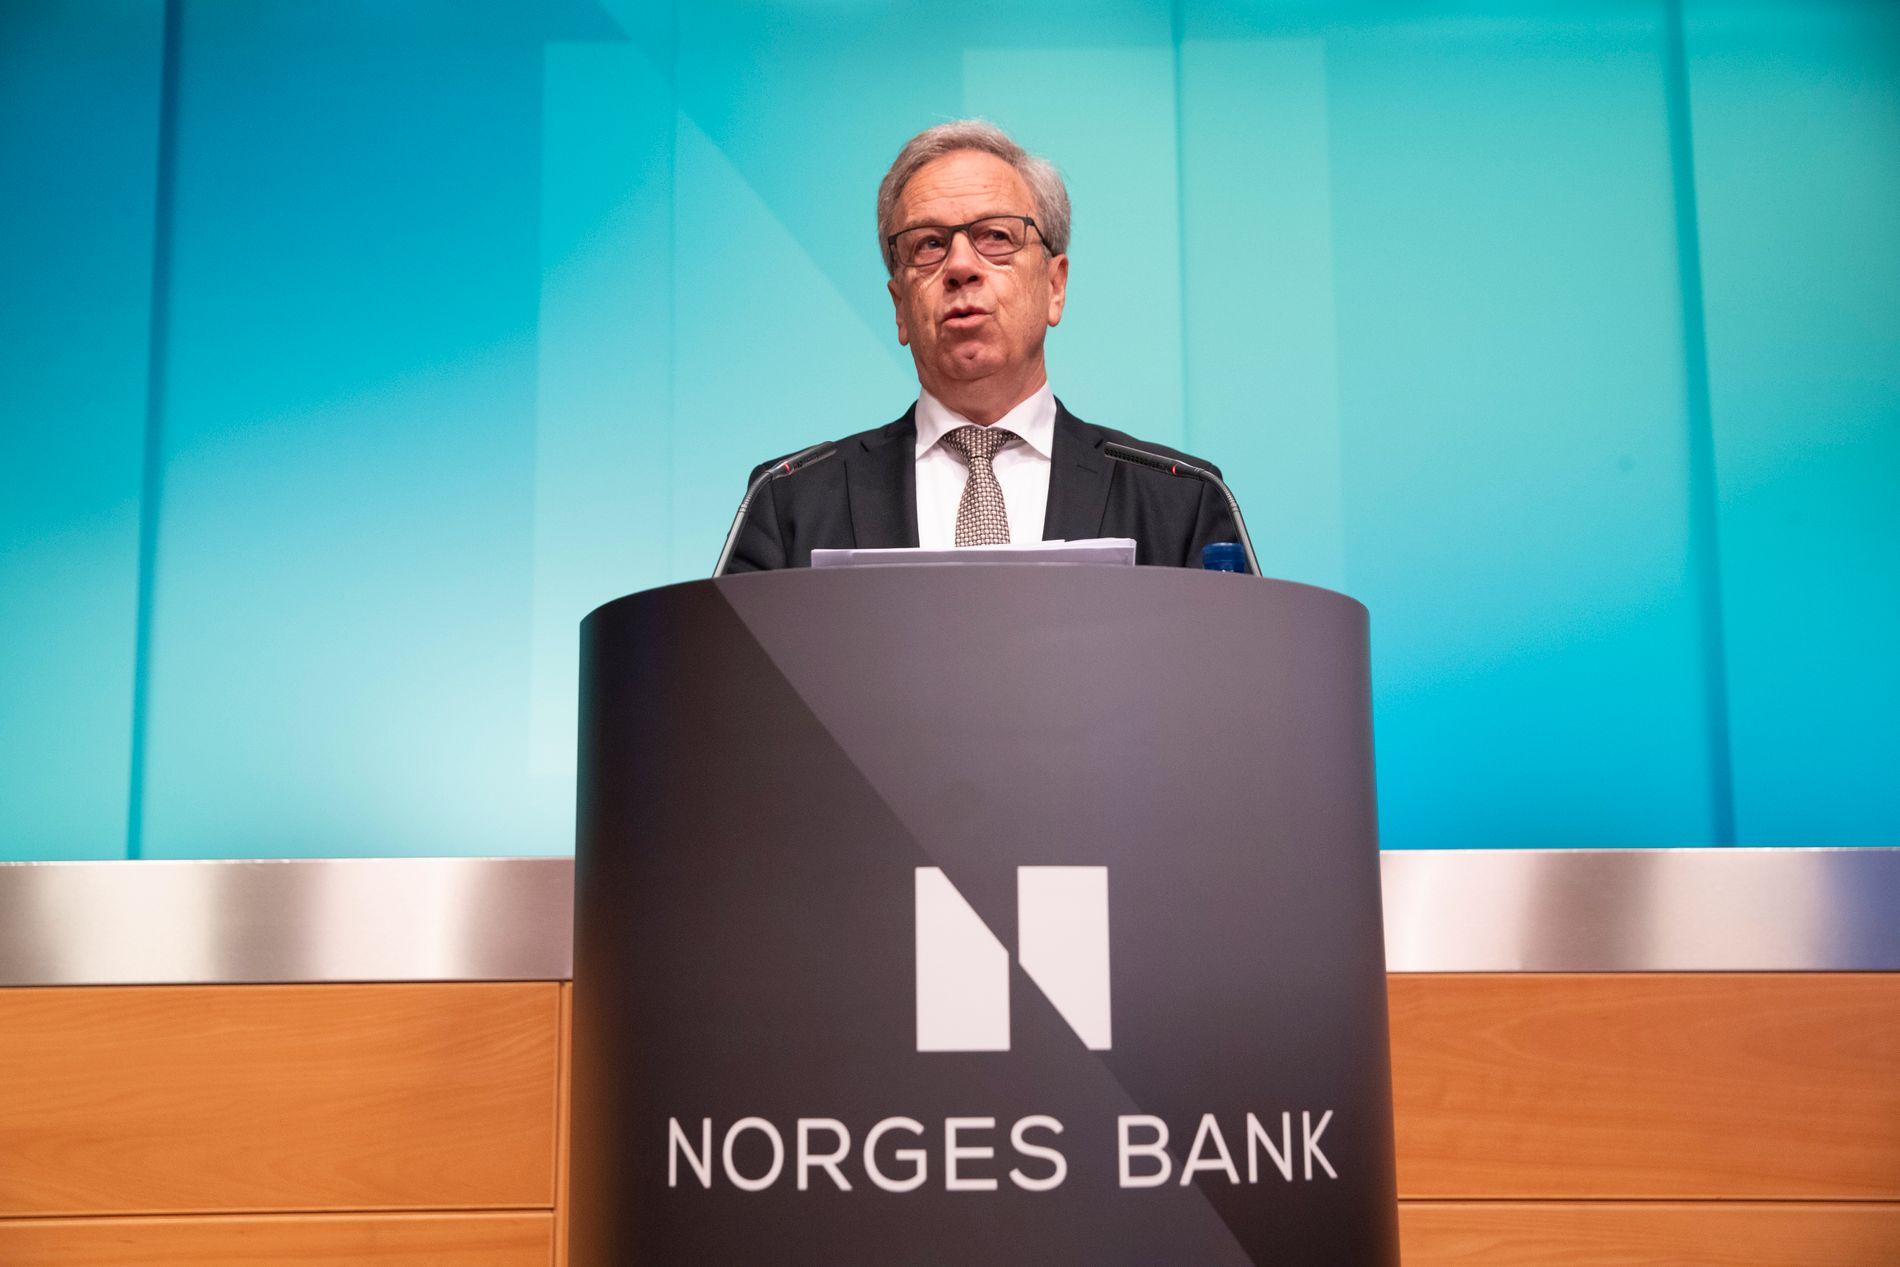 RENTEMANNEN: Sentralbanksjef Øystein Olsen heva fredag styringsrenta med 0,25 prosent, men justerte samstundes ned toppen på rentebanen.